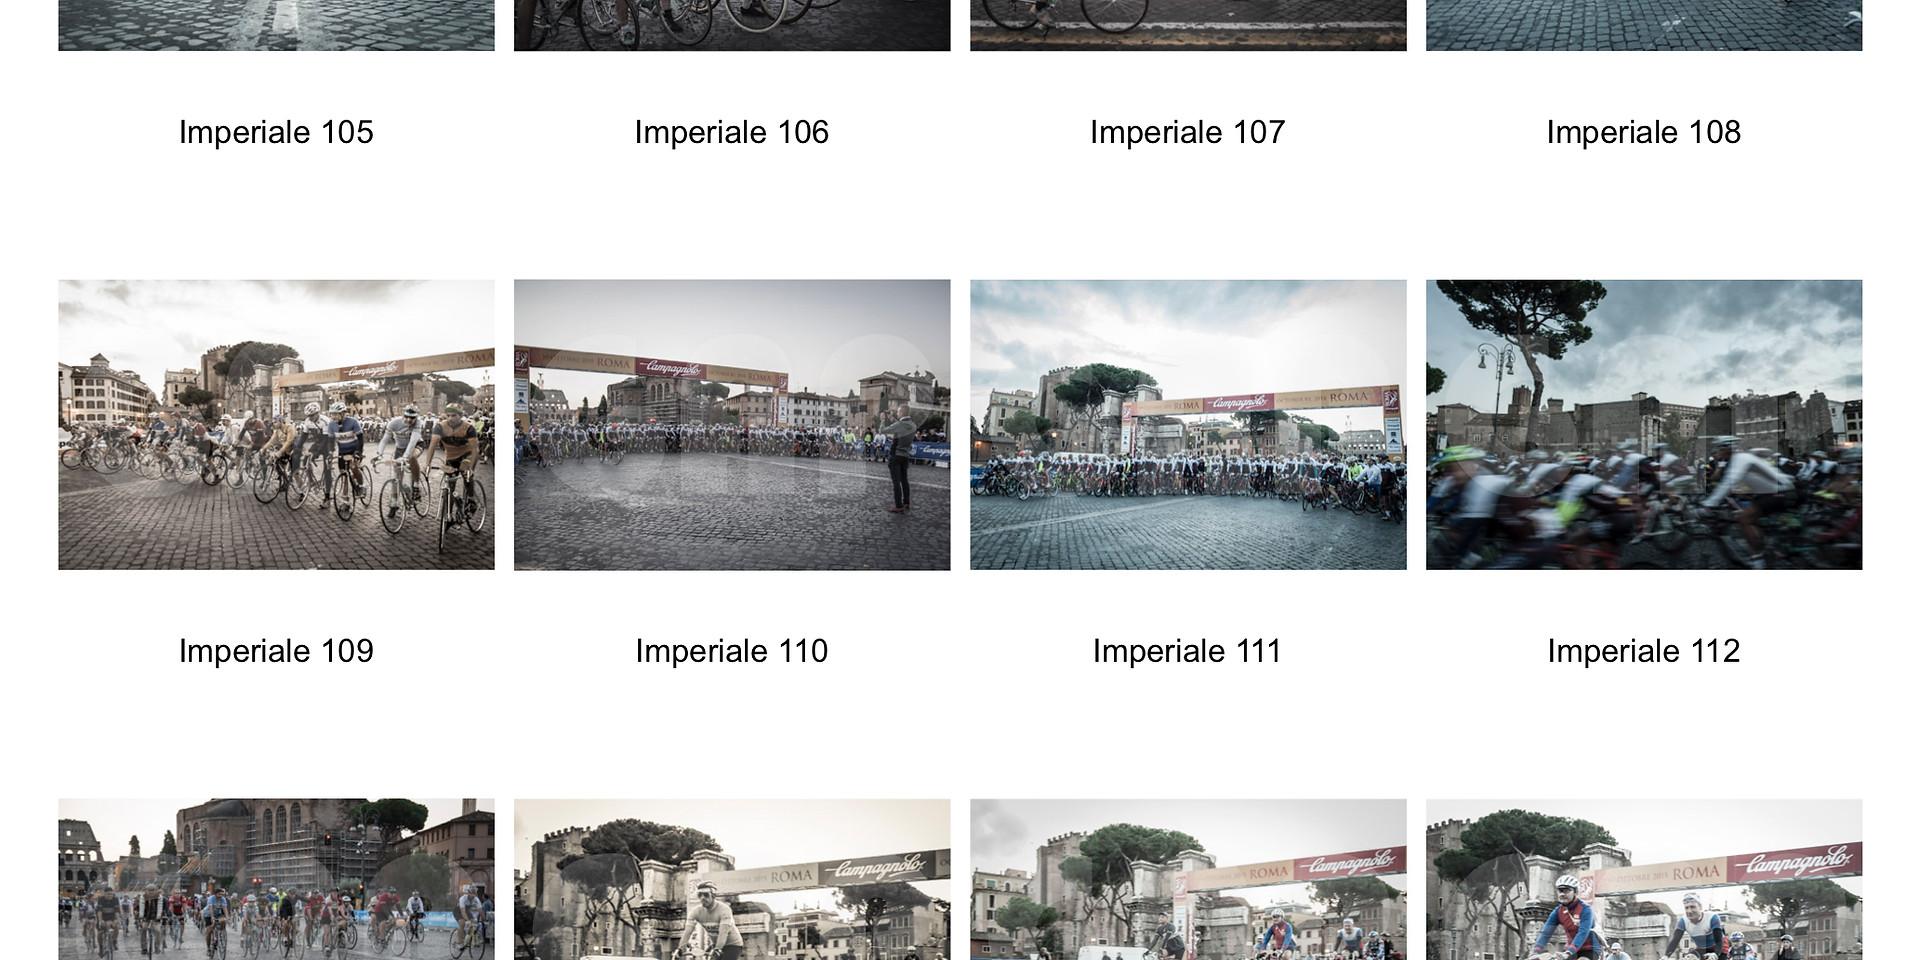 Imperiale-06.jpg